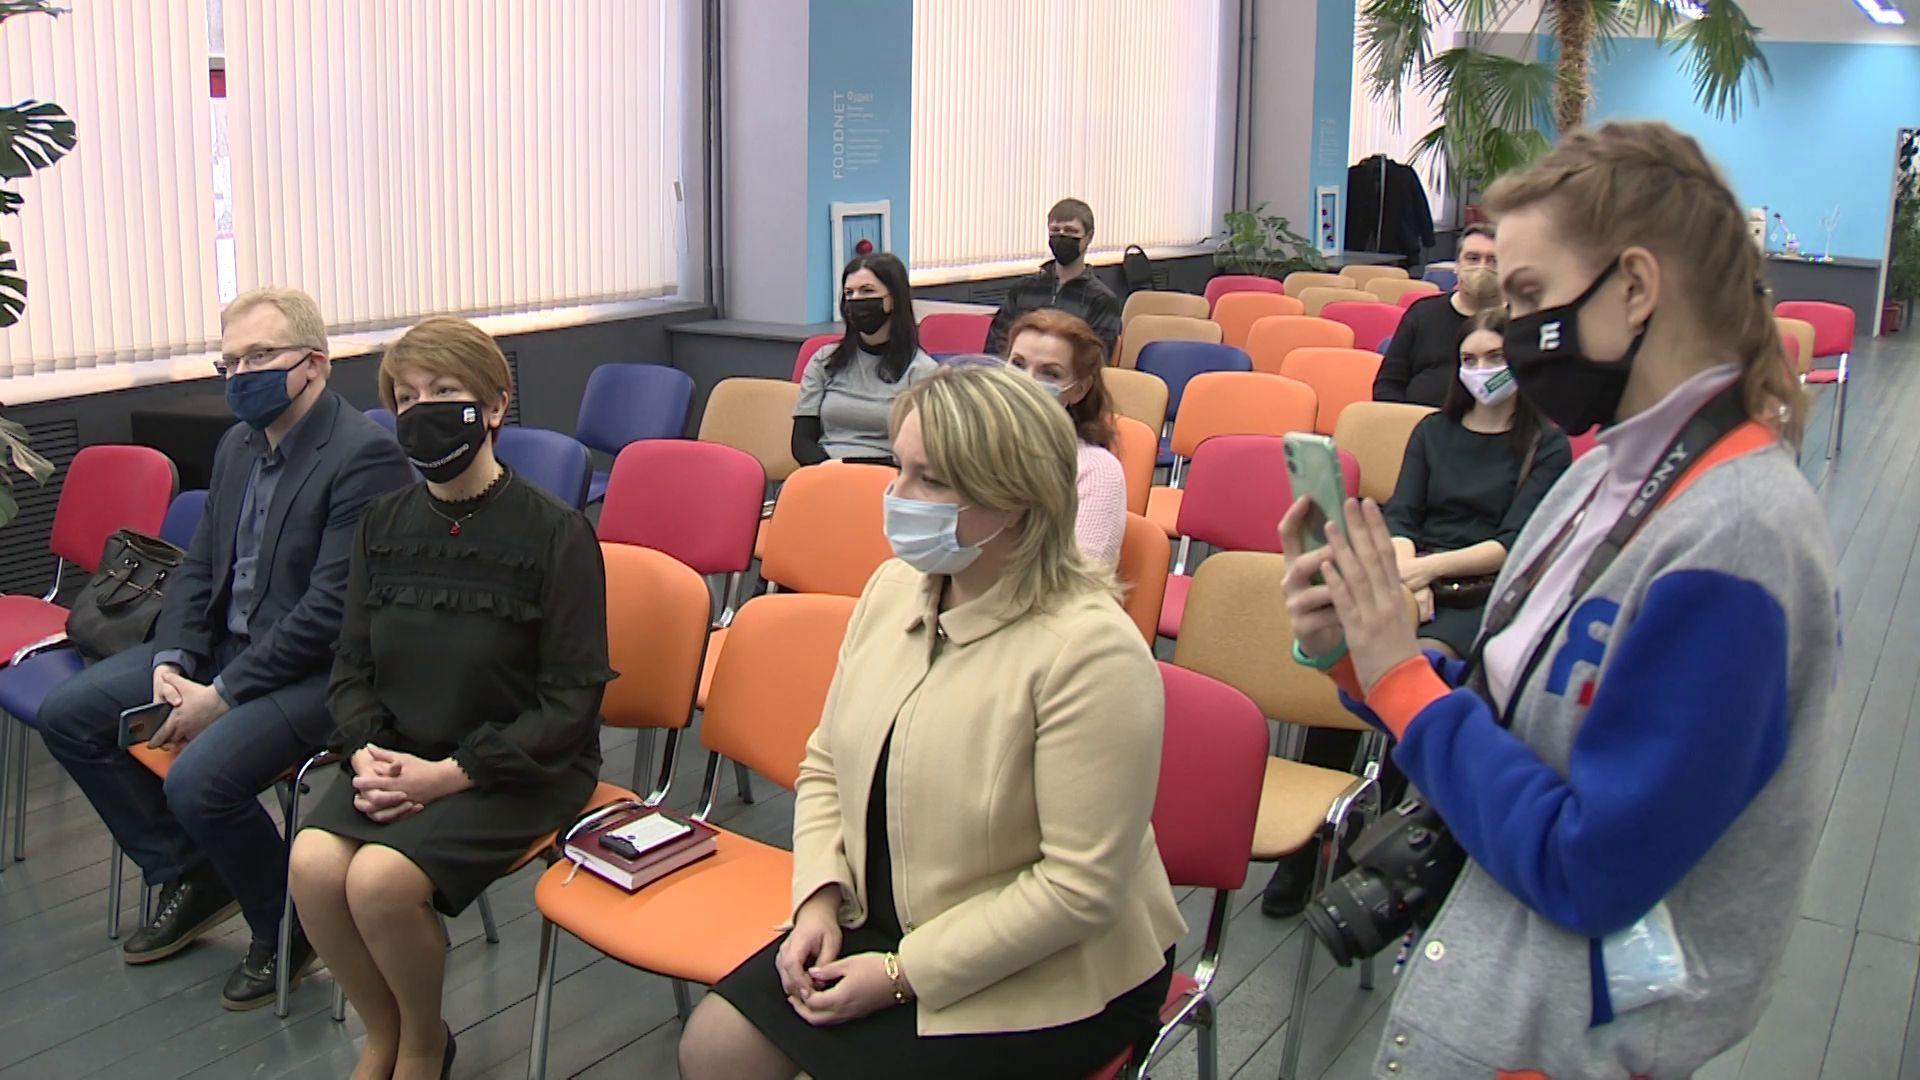 Ярославцы могут бесплатно освоить самые актуальные профессии